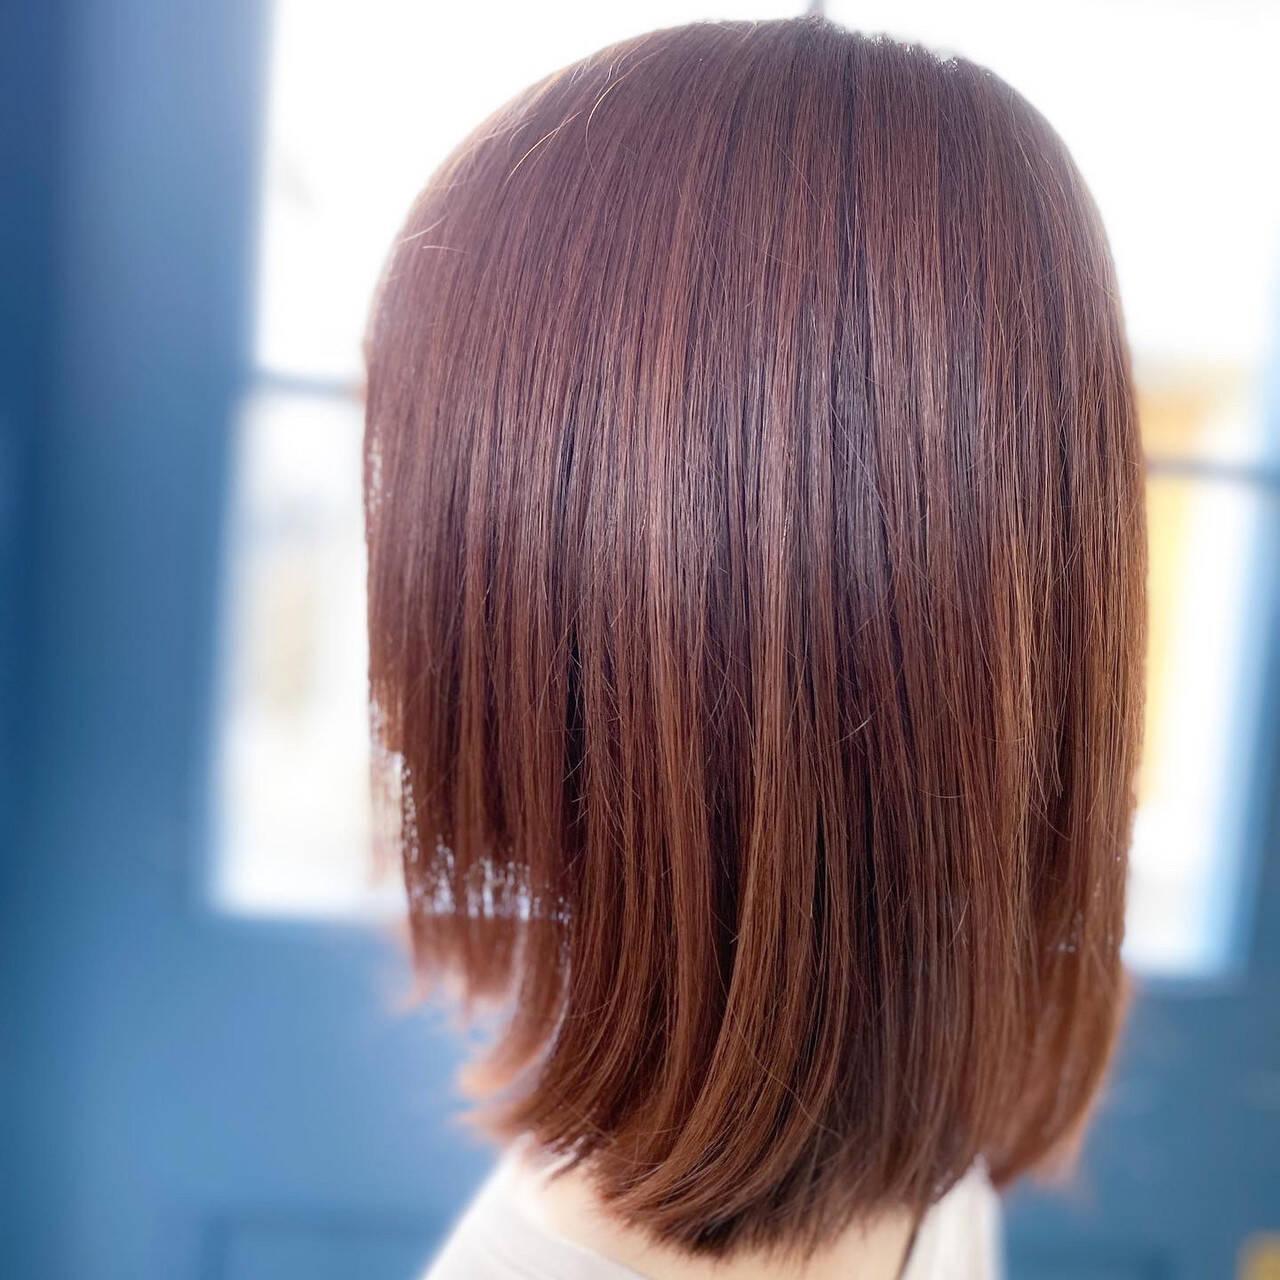 ピンク ピンクベージュ ナチュラル ピンクアッシュヘアスタイルや髪型の写真・画像